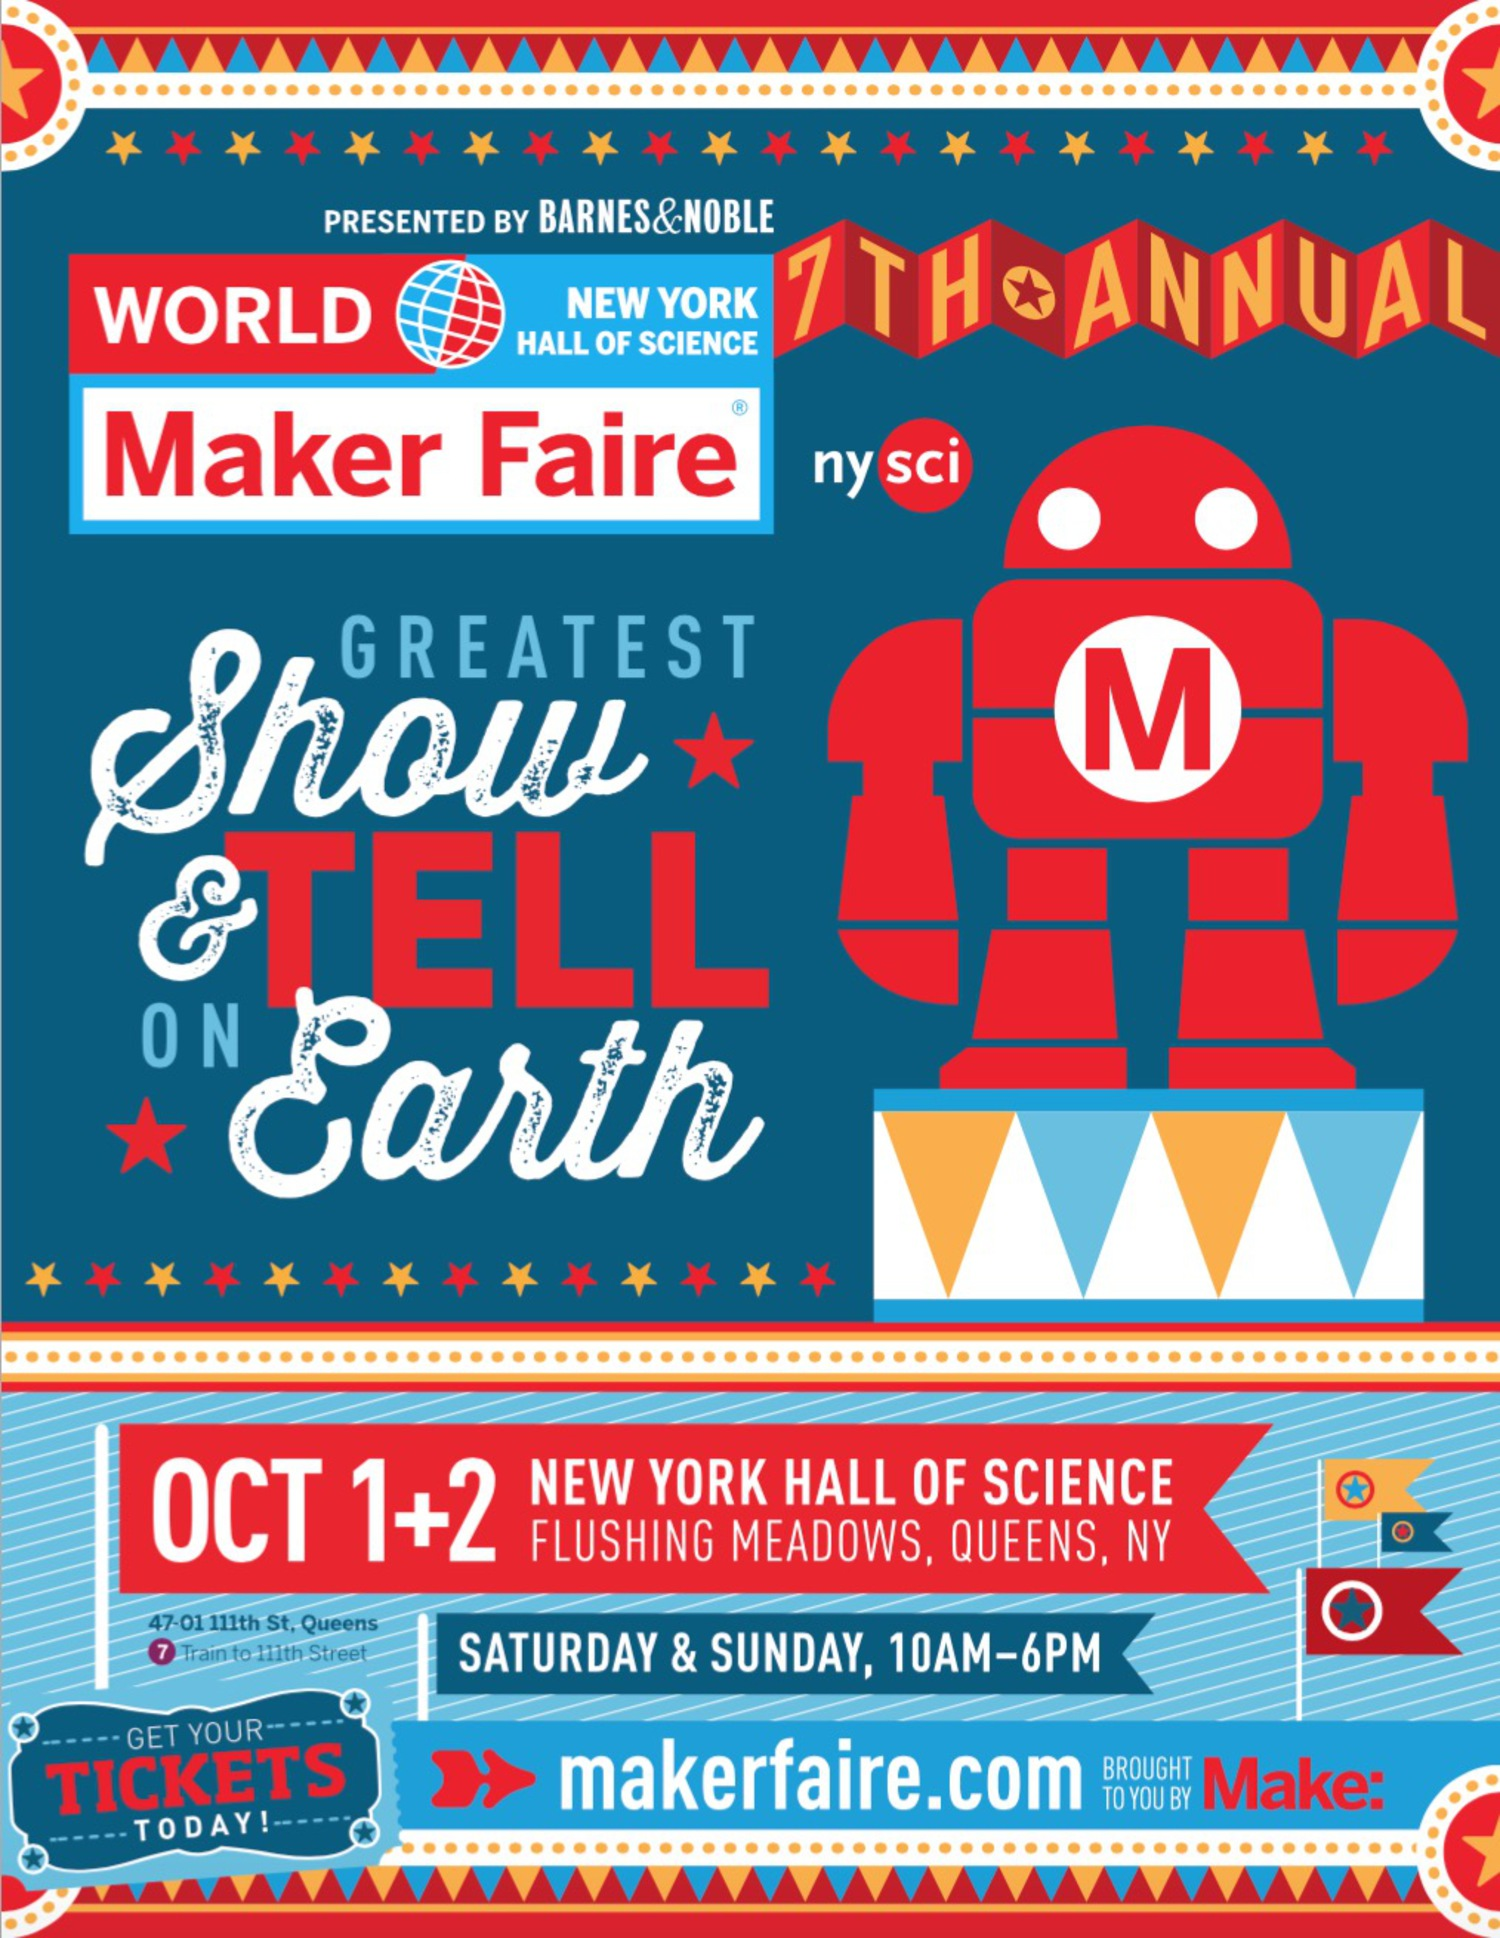 7th Annual Maker Faire